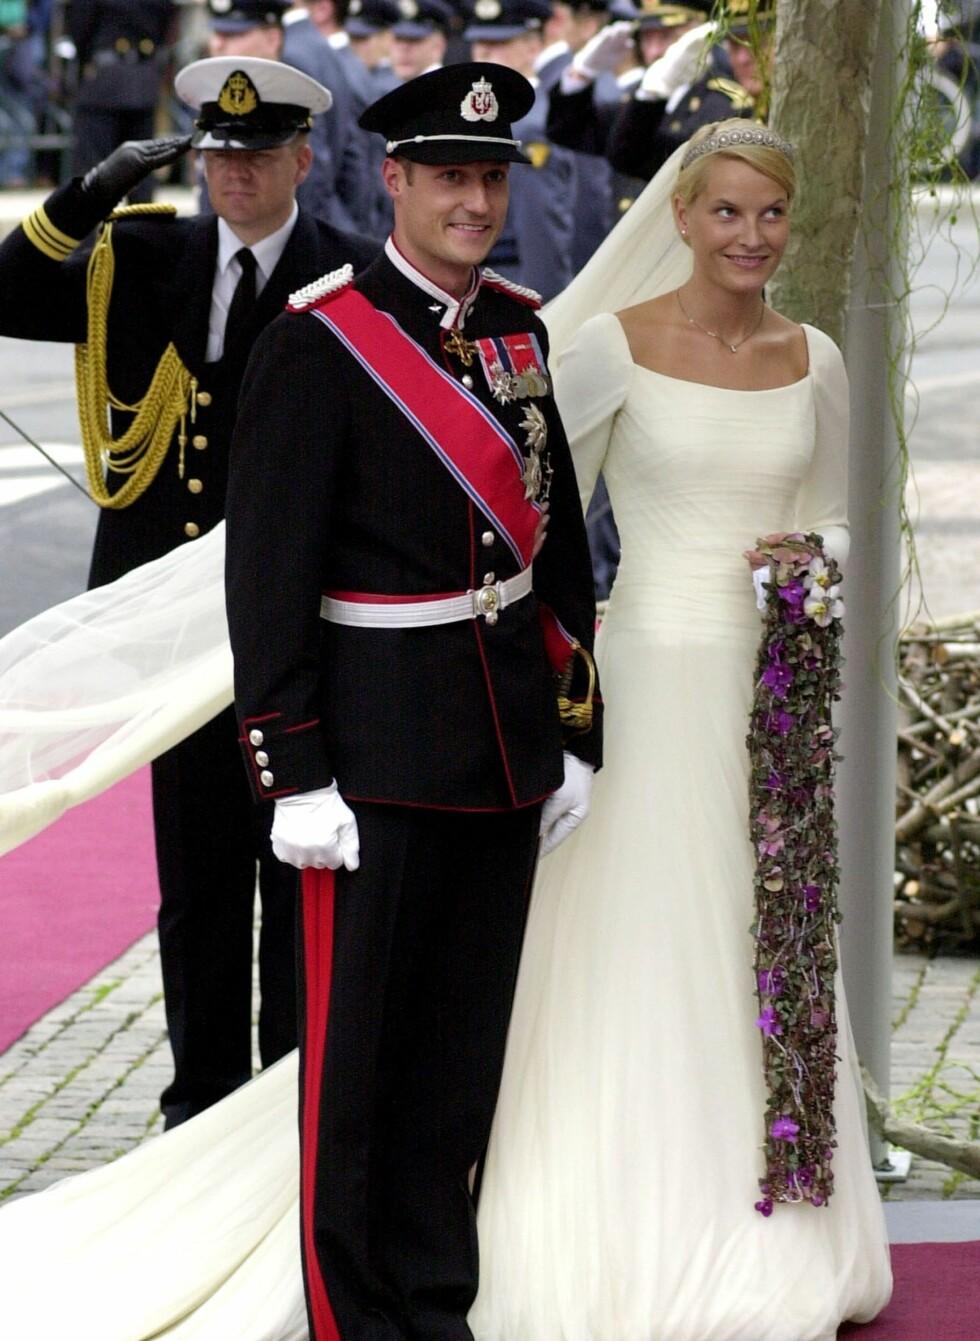 Brudekjolen er et glitrende eksempel på Mette-Marits enkle, men elegante og klassiske stil. Mange mener nok at brudekjolen hennes er tidenes vakreste.  Foto: All Over Press